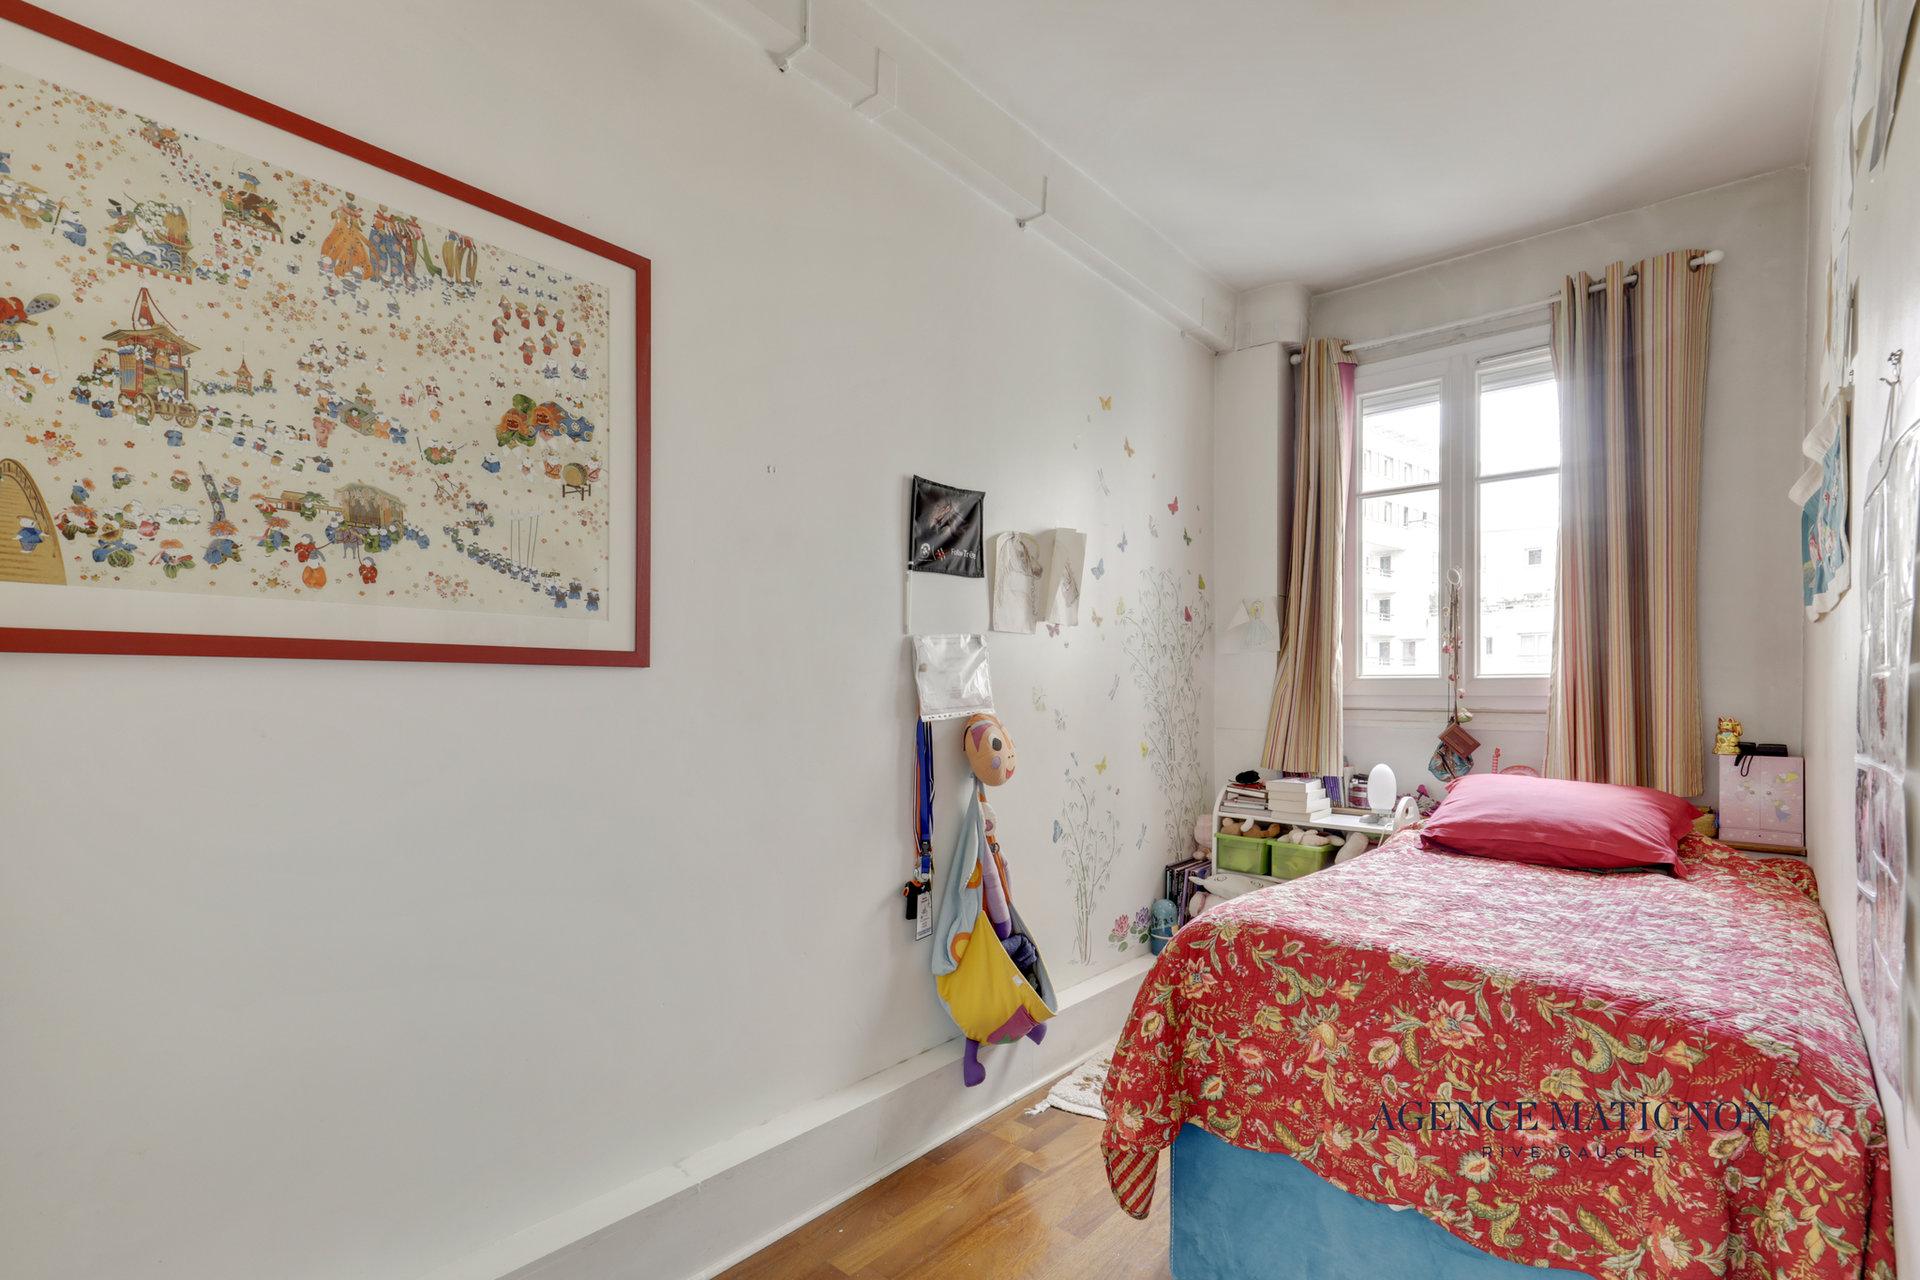 Appartement 3 pièces 65.08 m² 75014 Paris